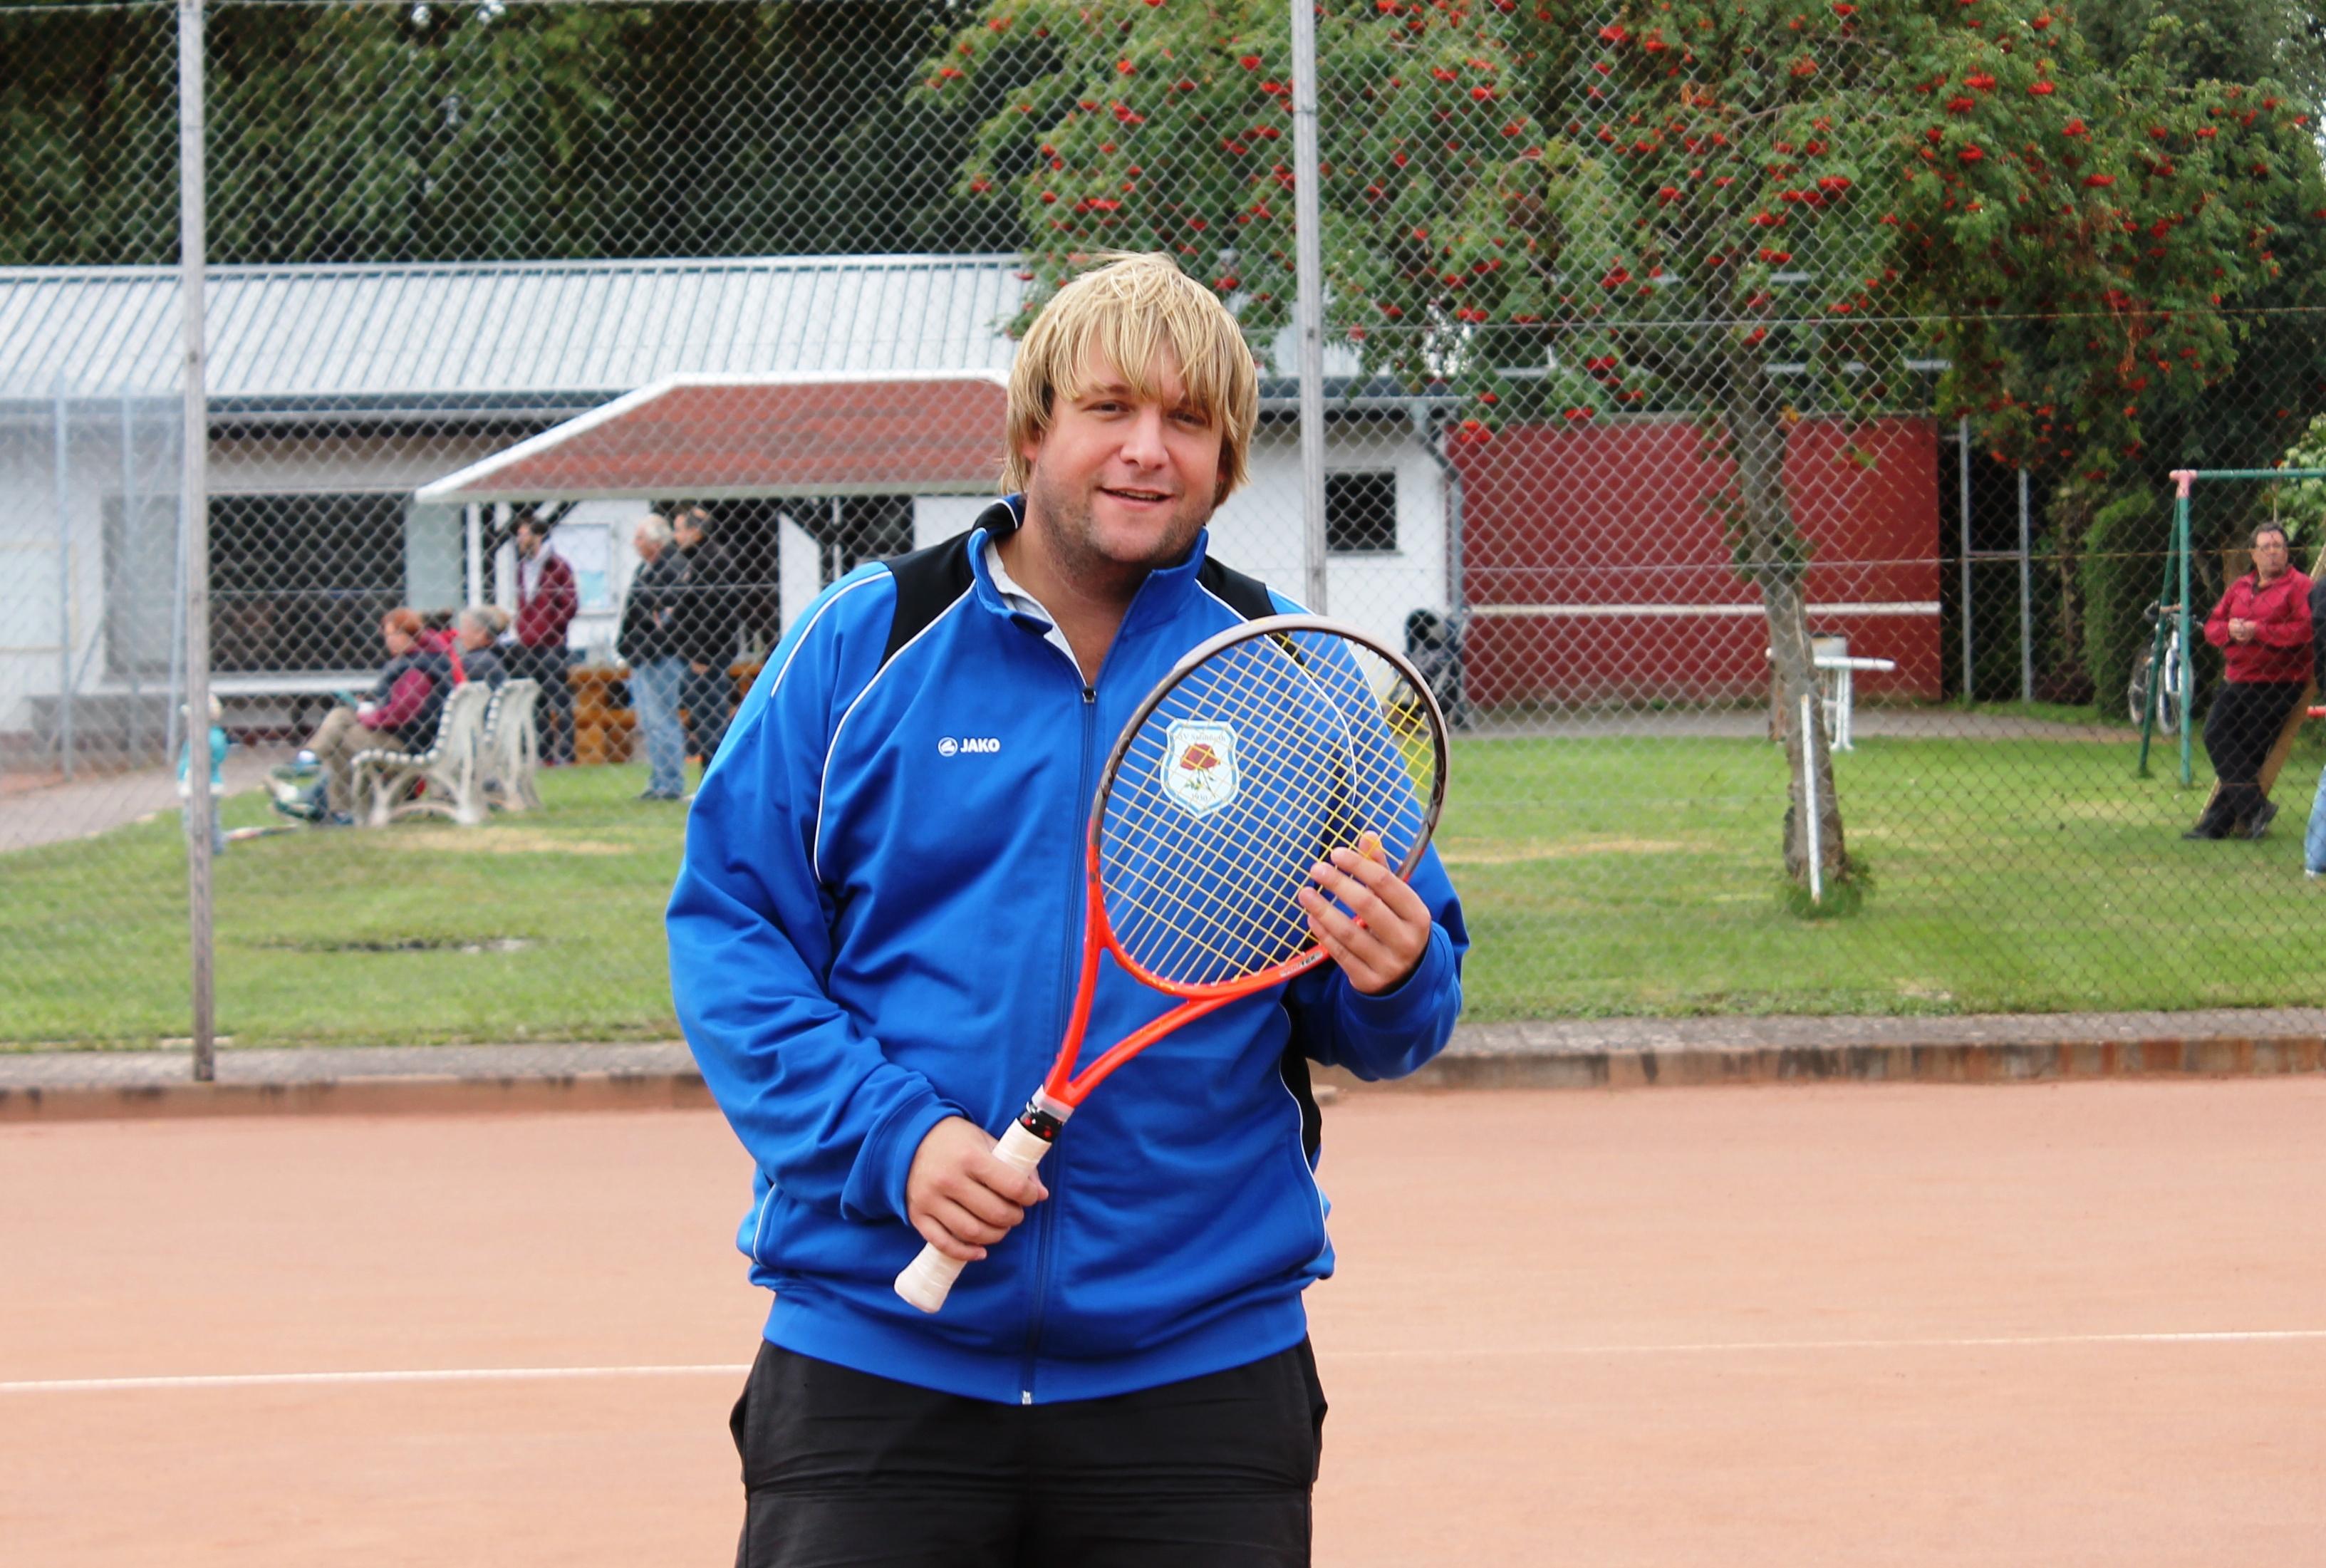 B-Clubmeister Daniel Ruiz-Martinez